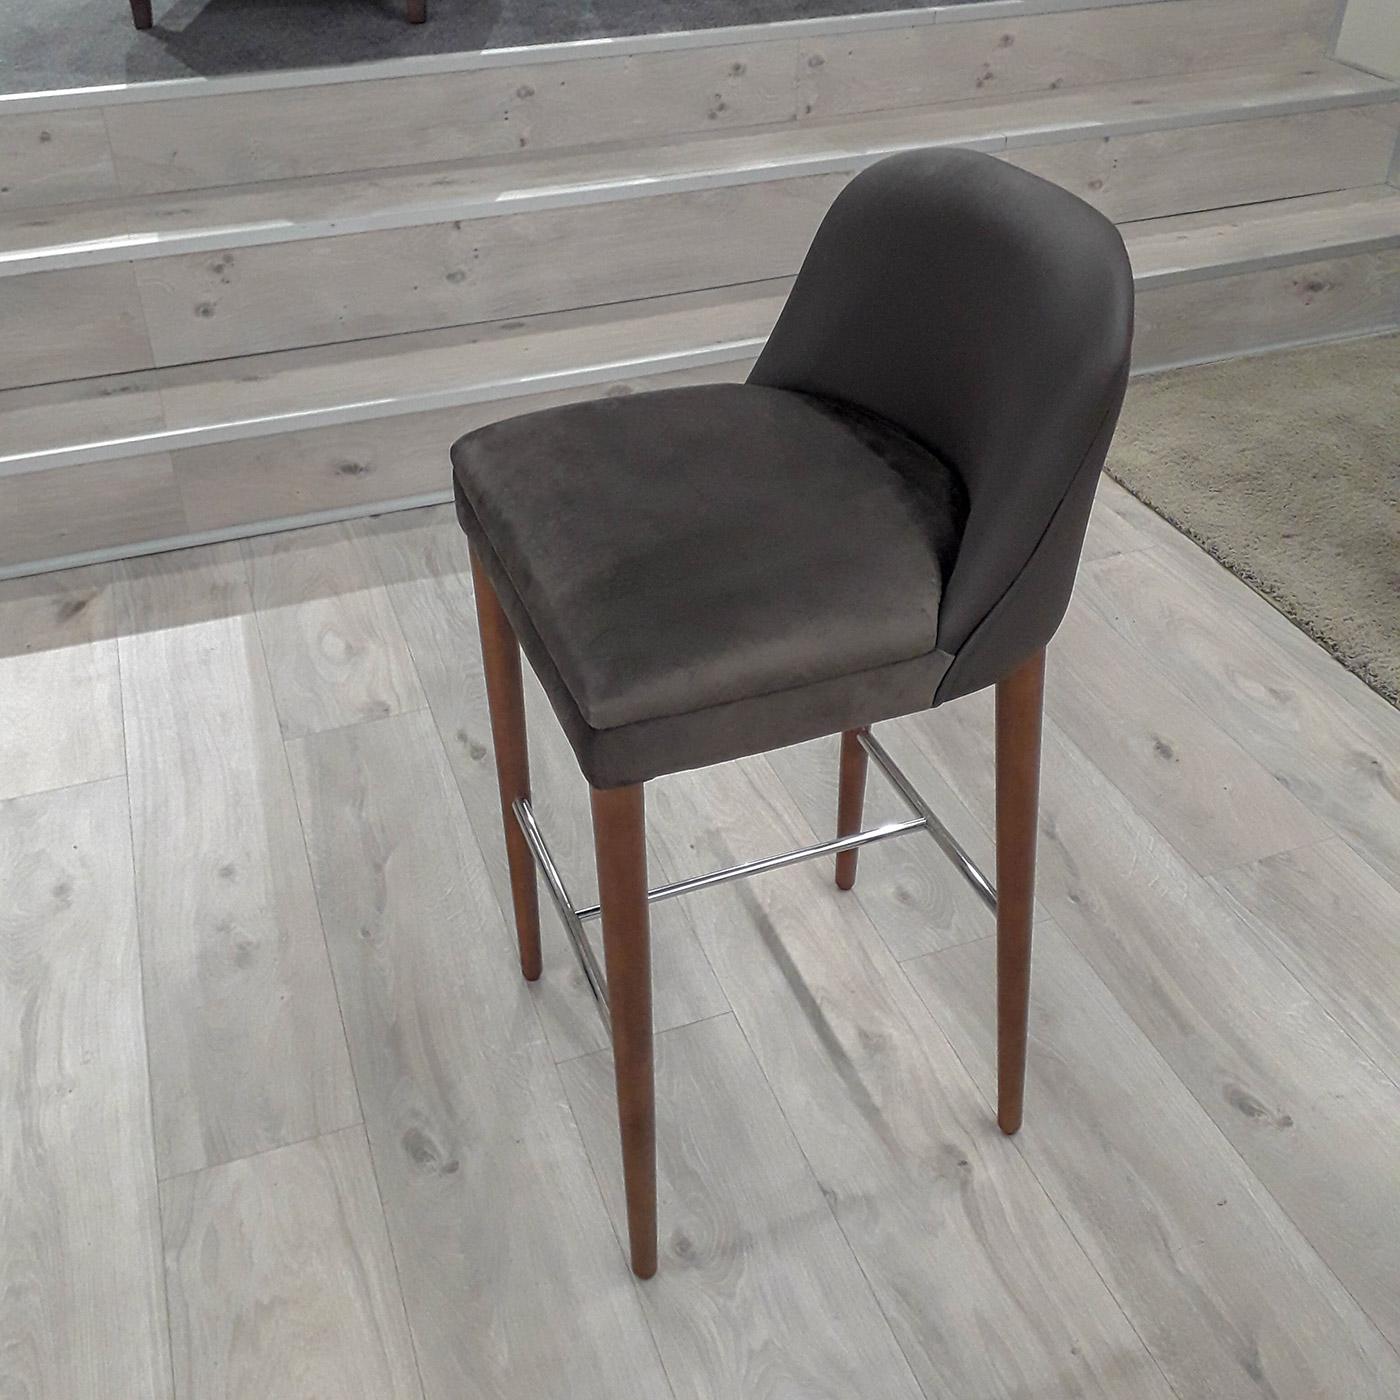 cadeira-bar-estoril-domkapa-liquidação-total